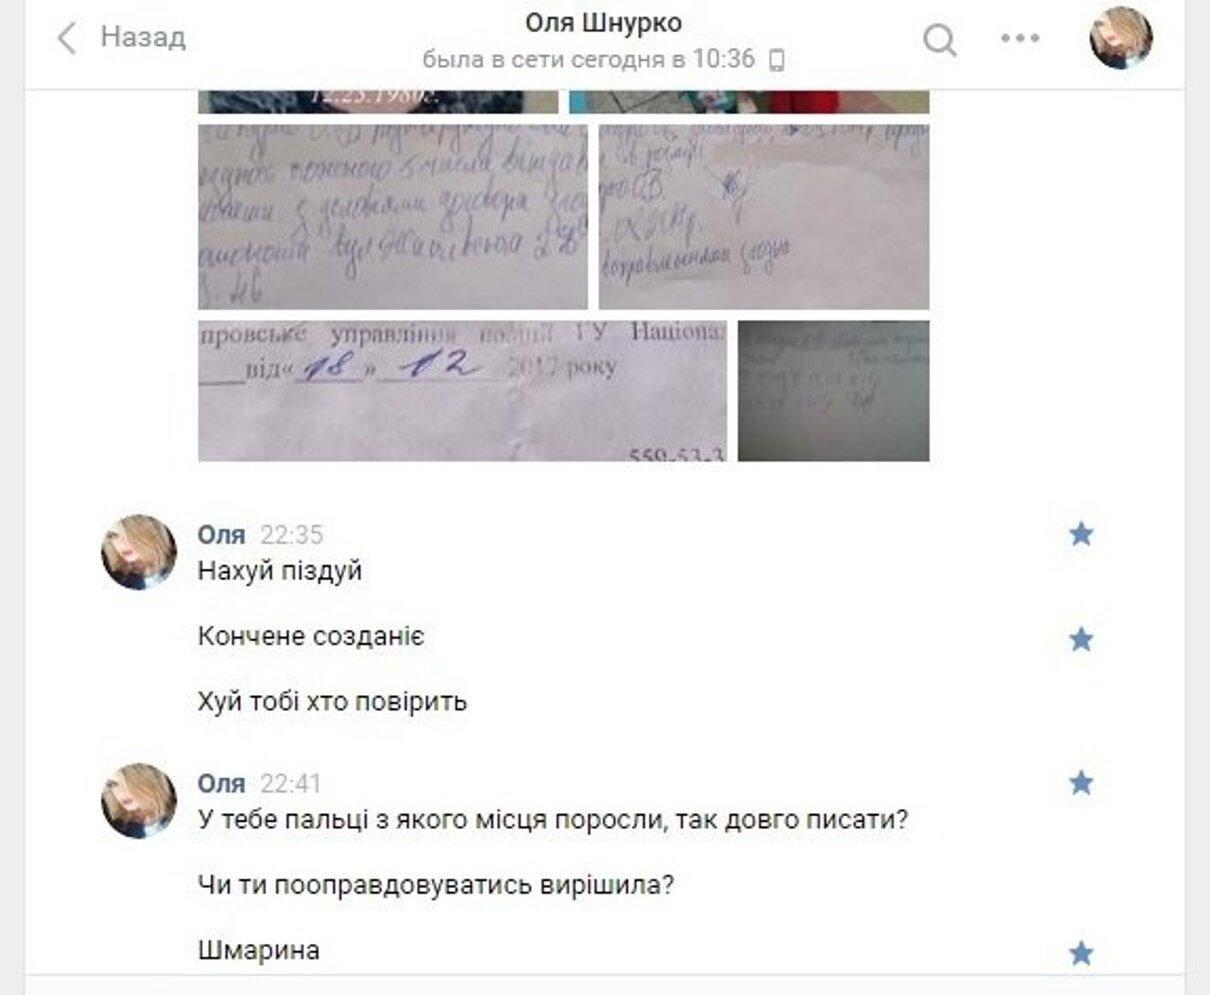 Жалоба-отзыв: Шнурко Ольга - Позорище Золотоноши. Фото №4